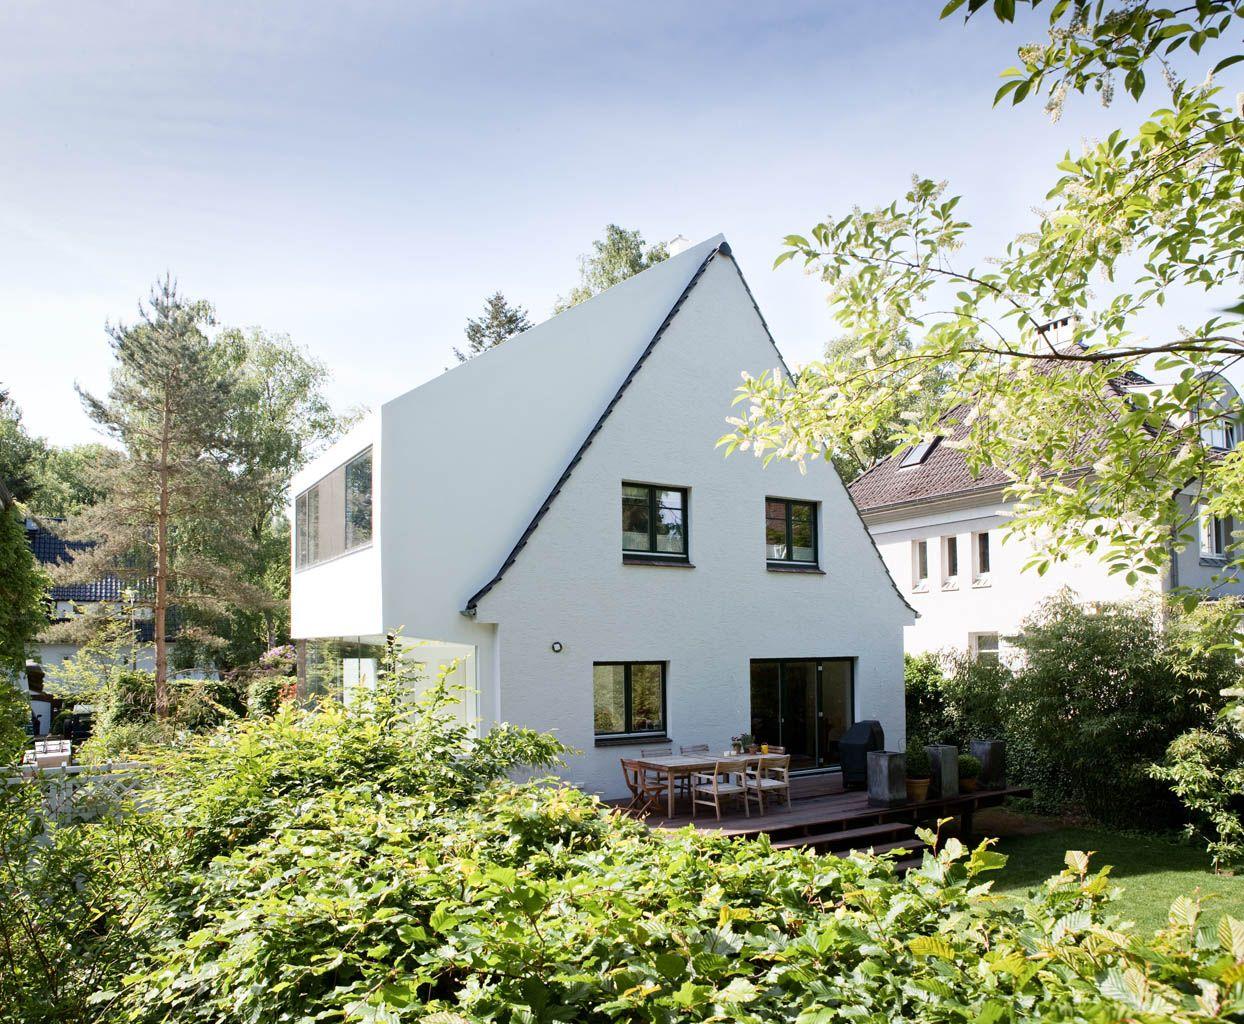 sanierung und anbau an ein einfamilienhaus in hh blankenese deutschland germany haus. Black Bedroom Furniture Sets. Home Design Ideas